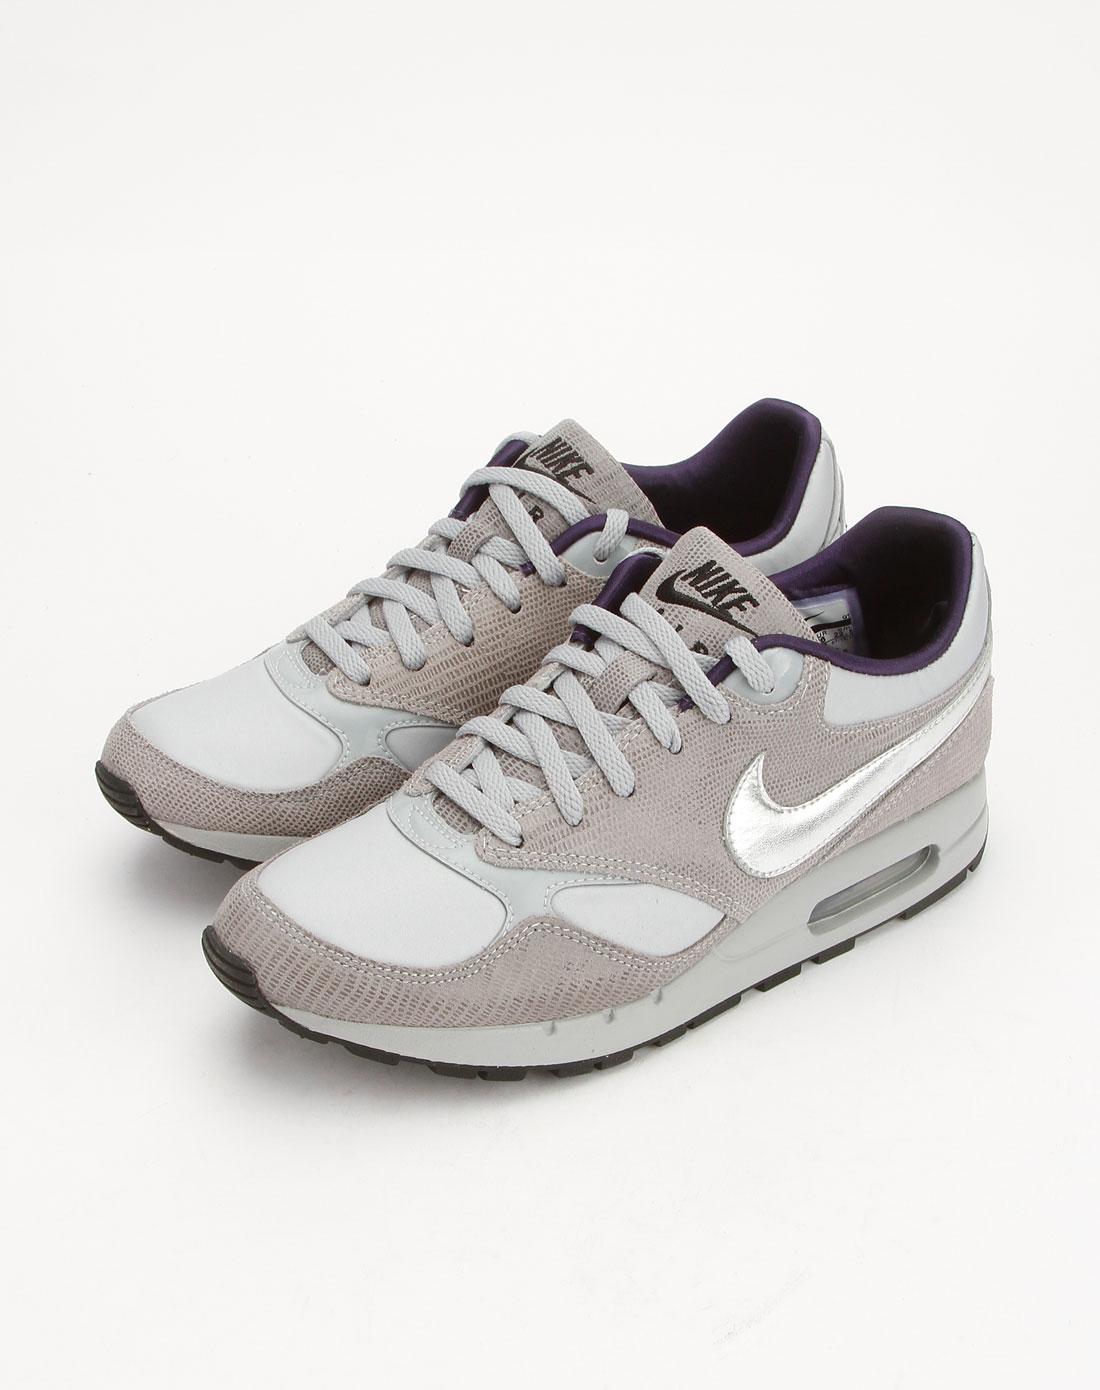 耐克nike-女鞋专场-女款灰色air系列绑带运动文化鞋